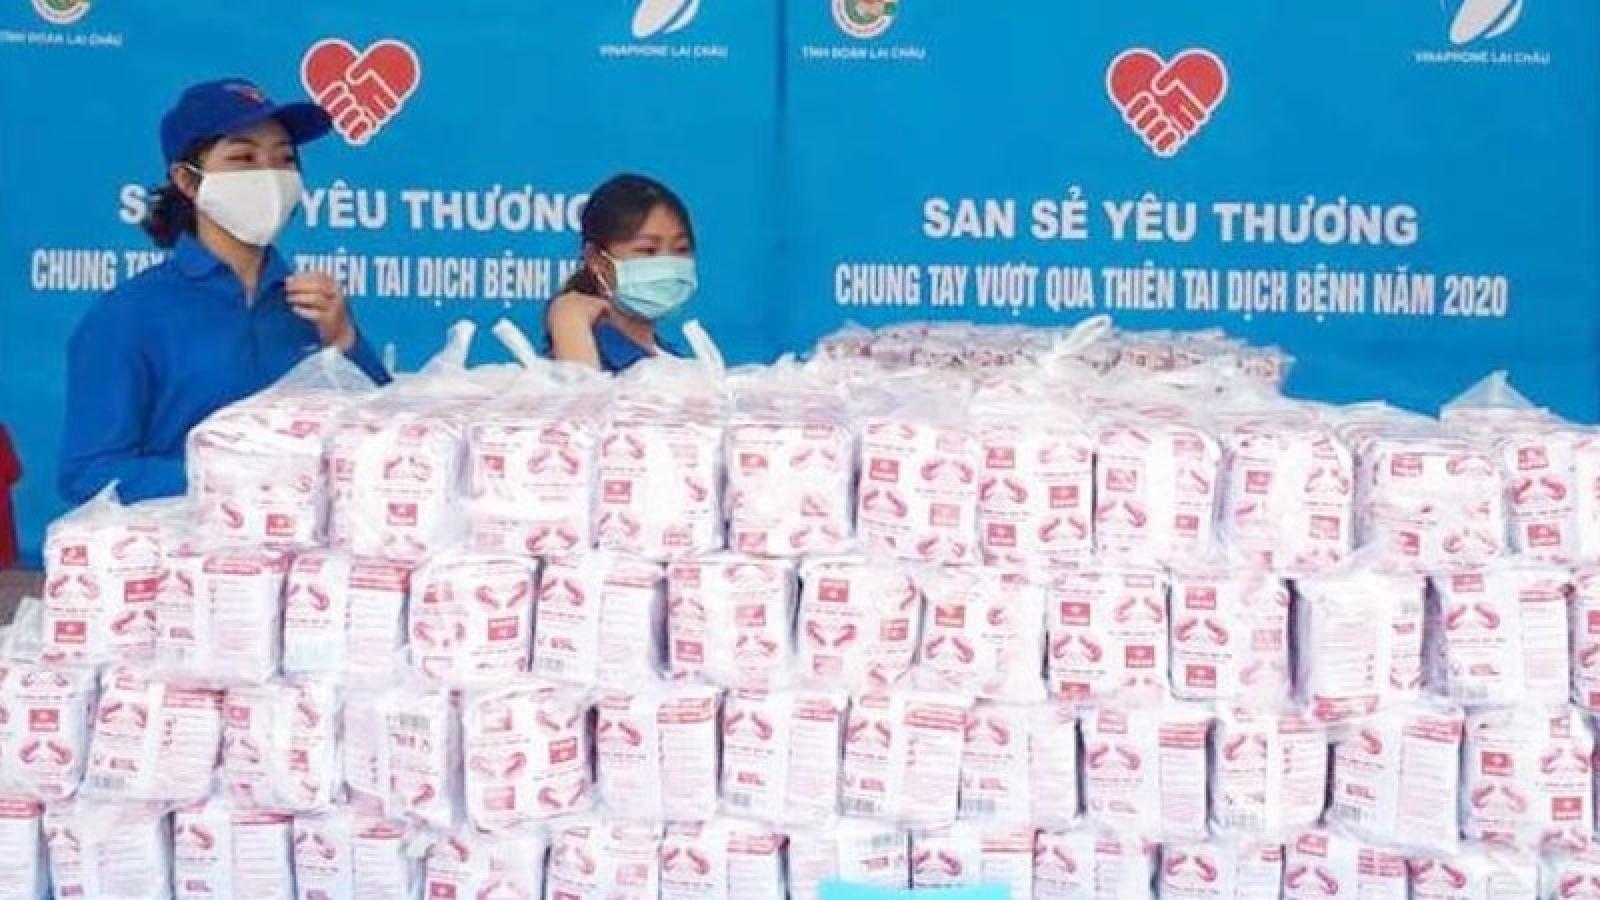 Gian hàng 0 đồng ở Lai Châu, nơi san sẻ yêu thương